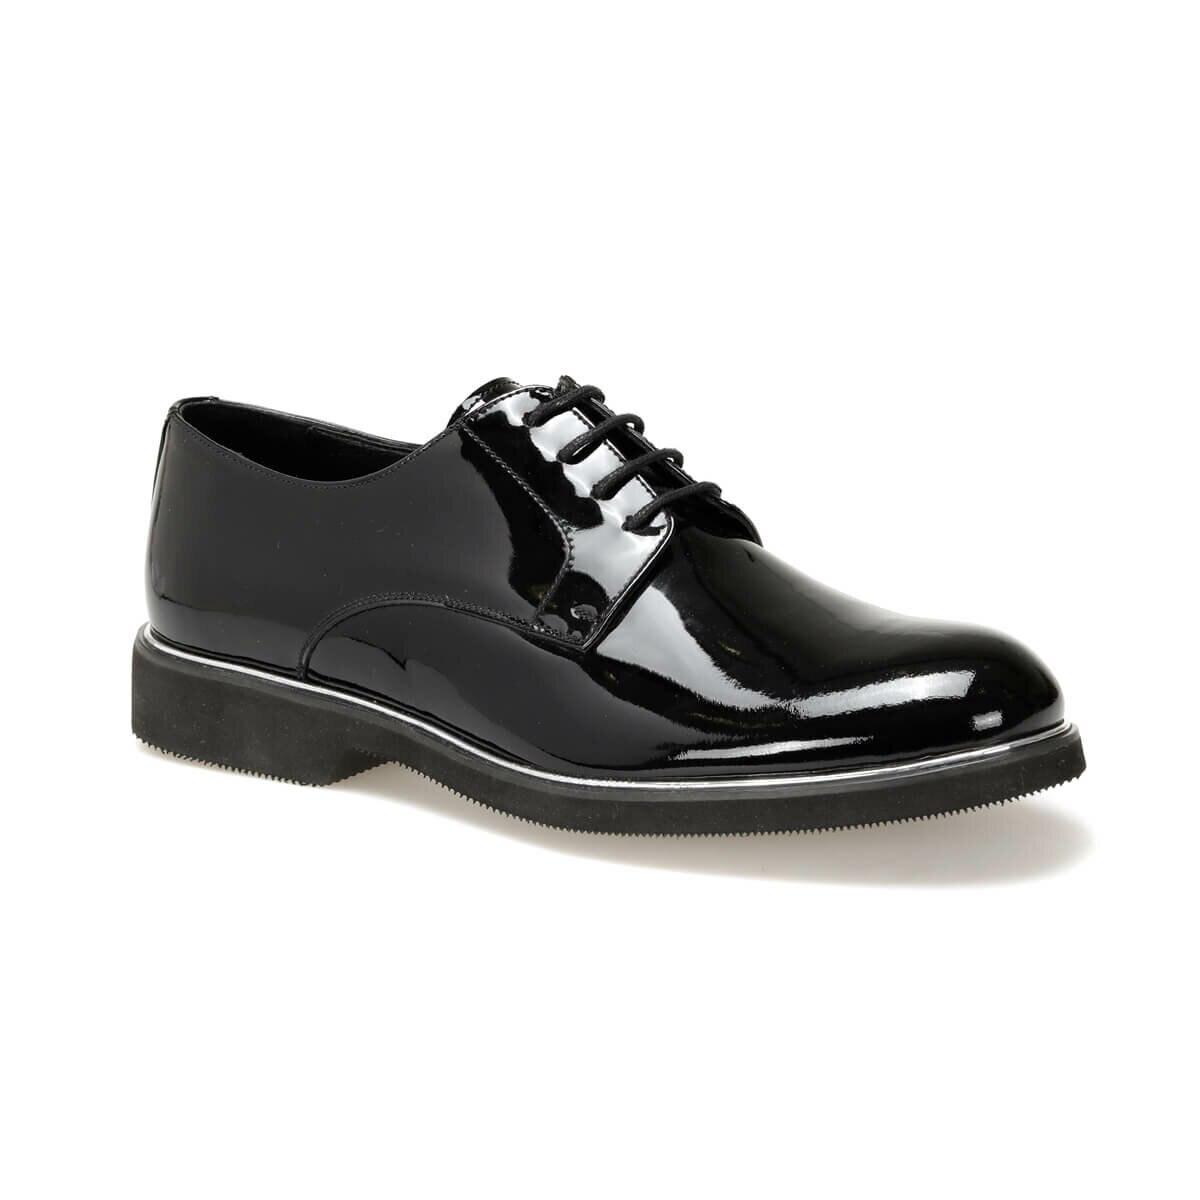 FLO ERG-965 zapatos clásicos negros para hombre JJ-Stiller